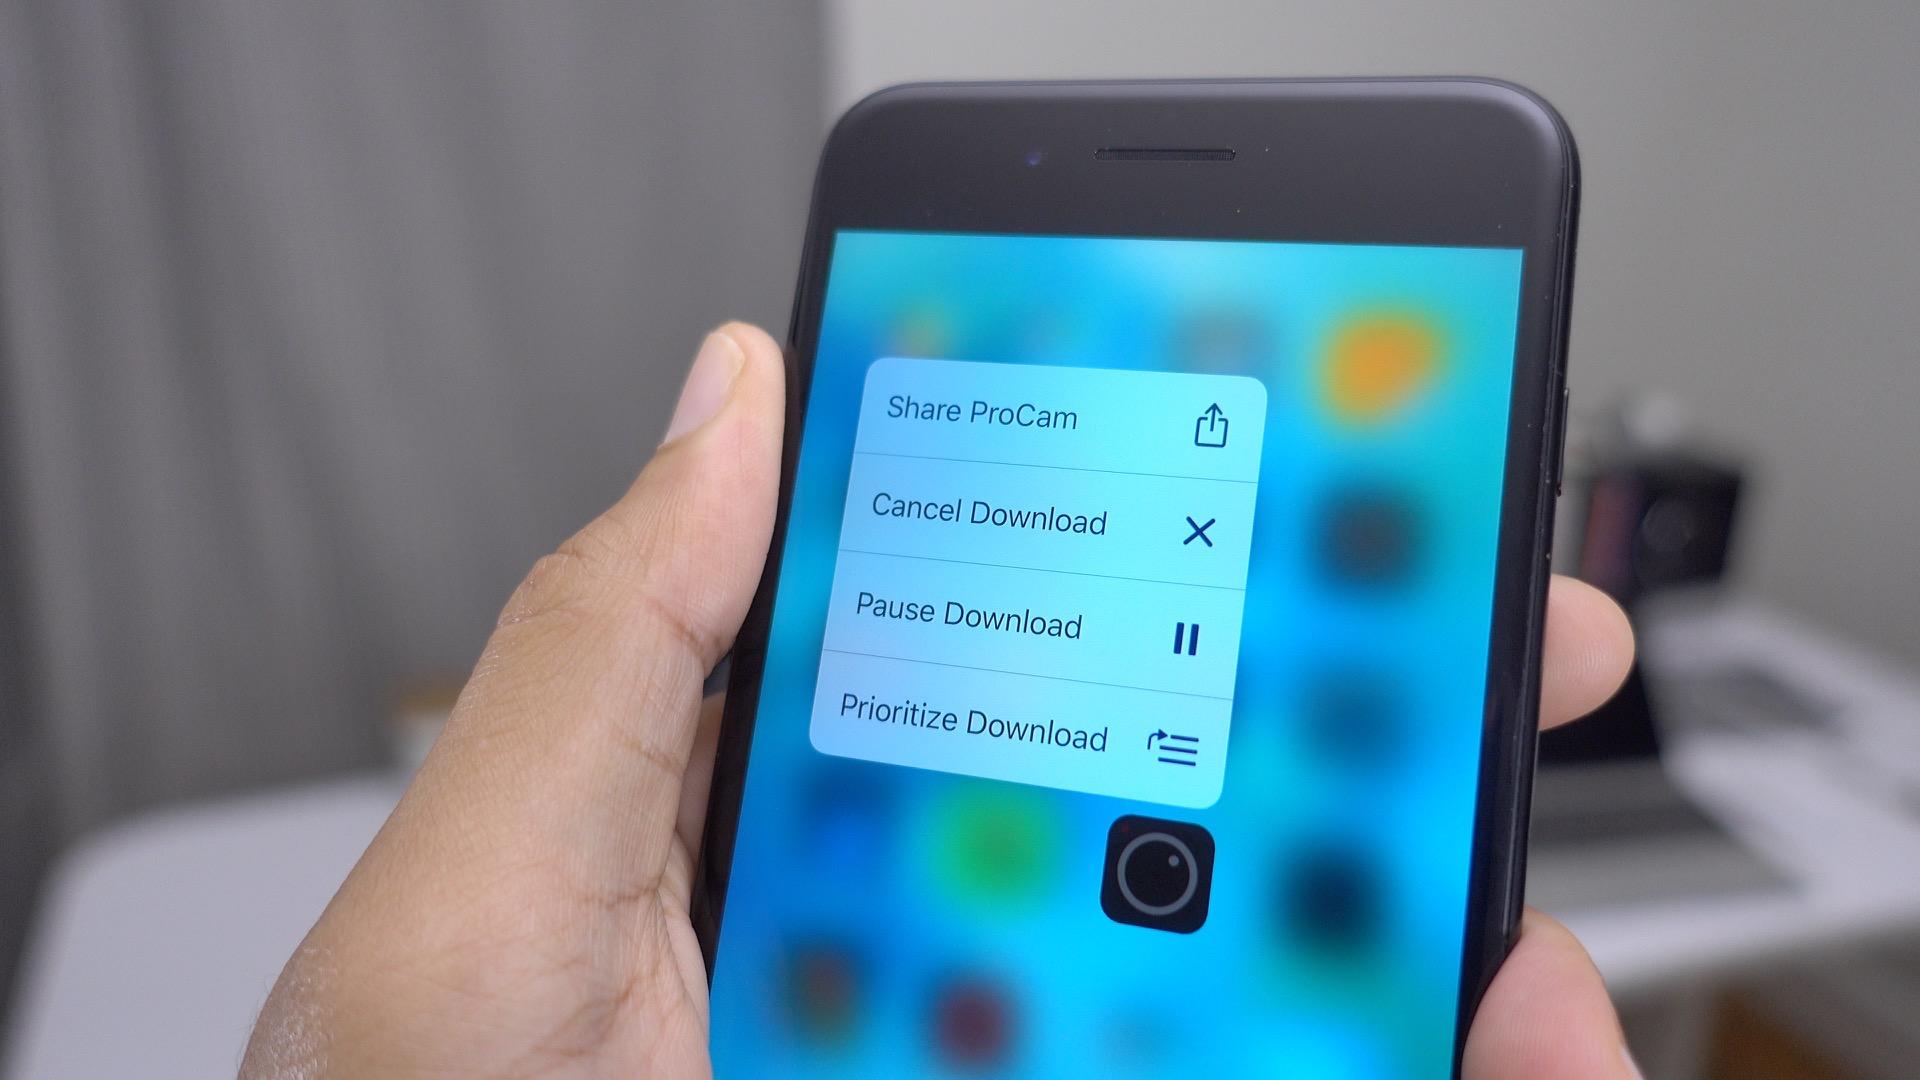 prioritize-app-download-ios-10-restore